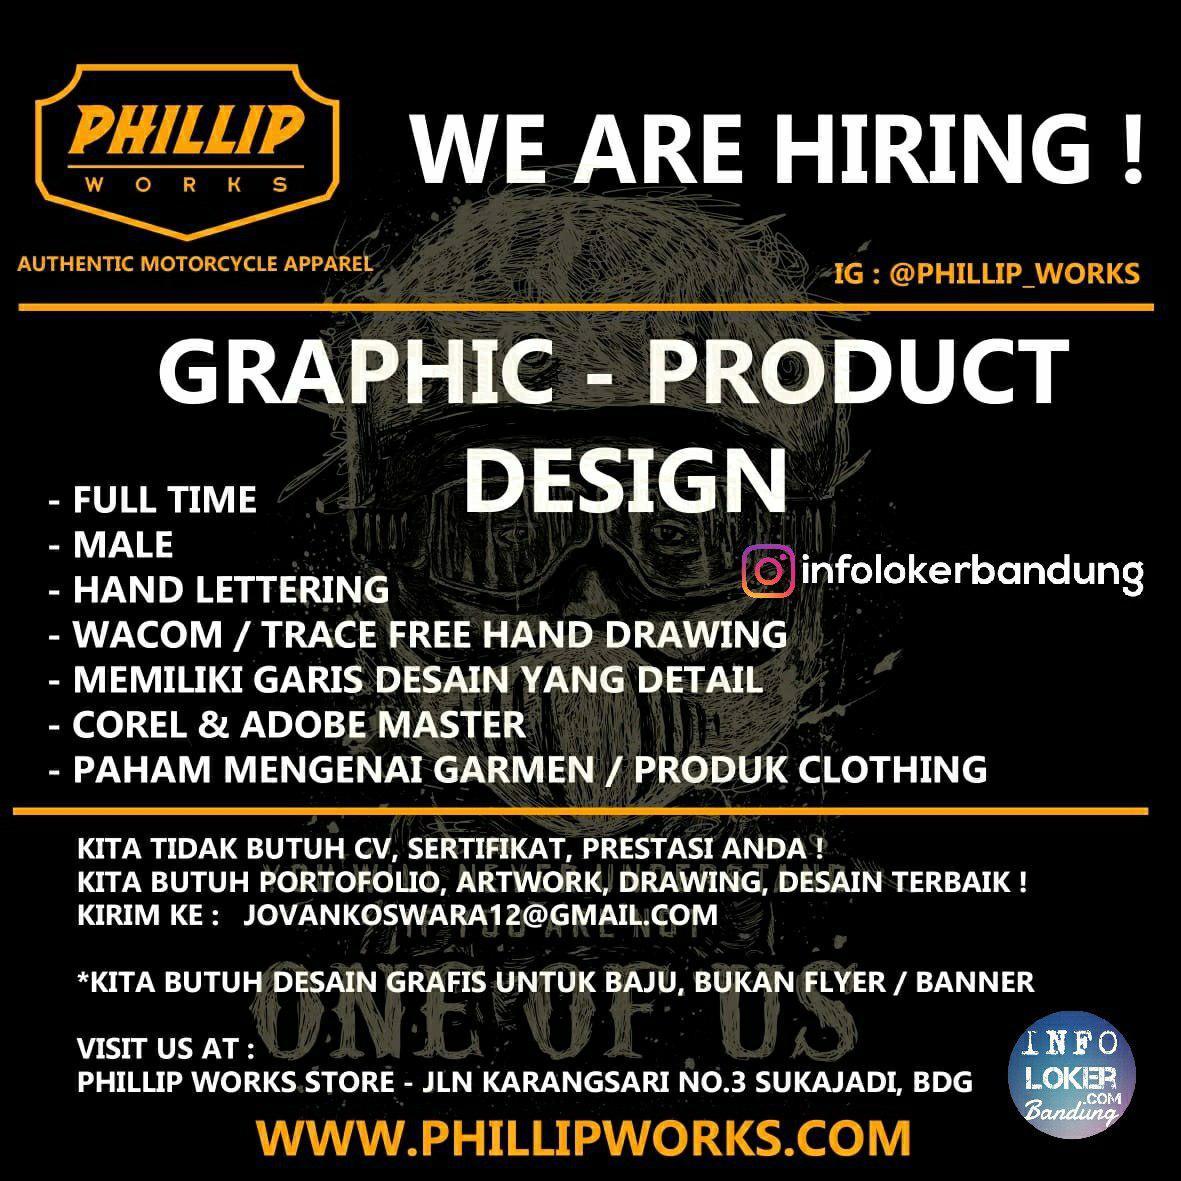 Lowongan Kerja Graphic Product Design Phillip Works Bandung